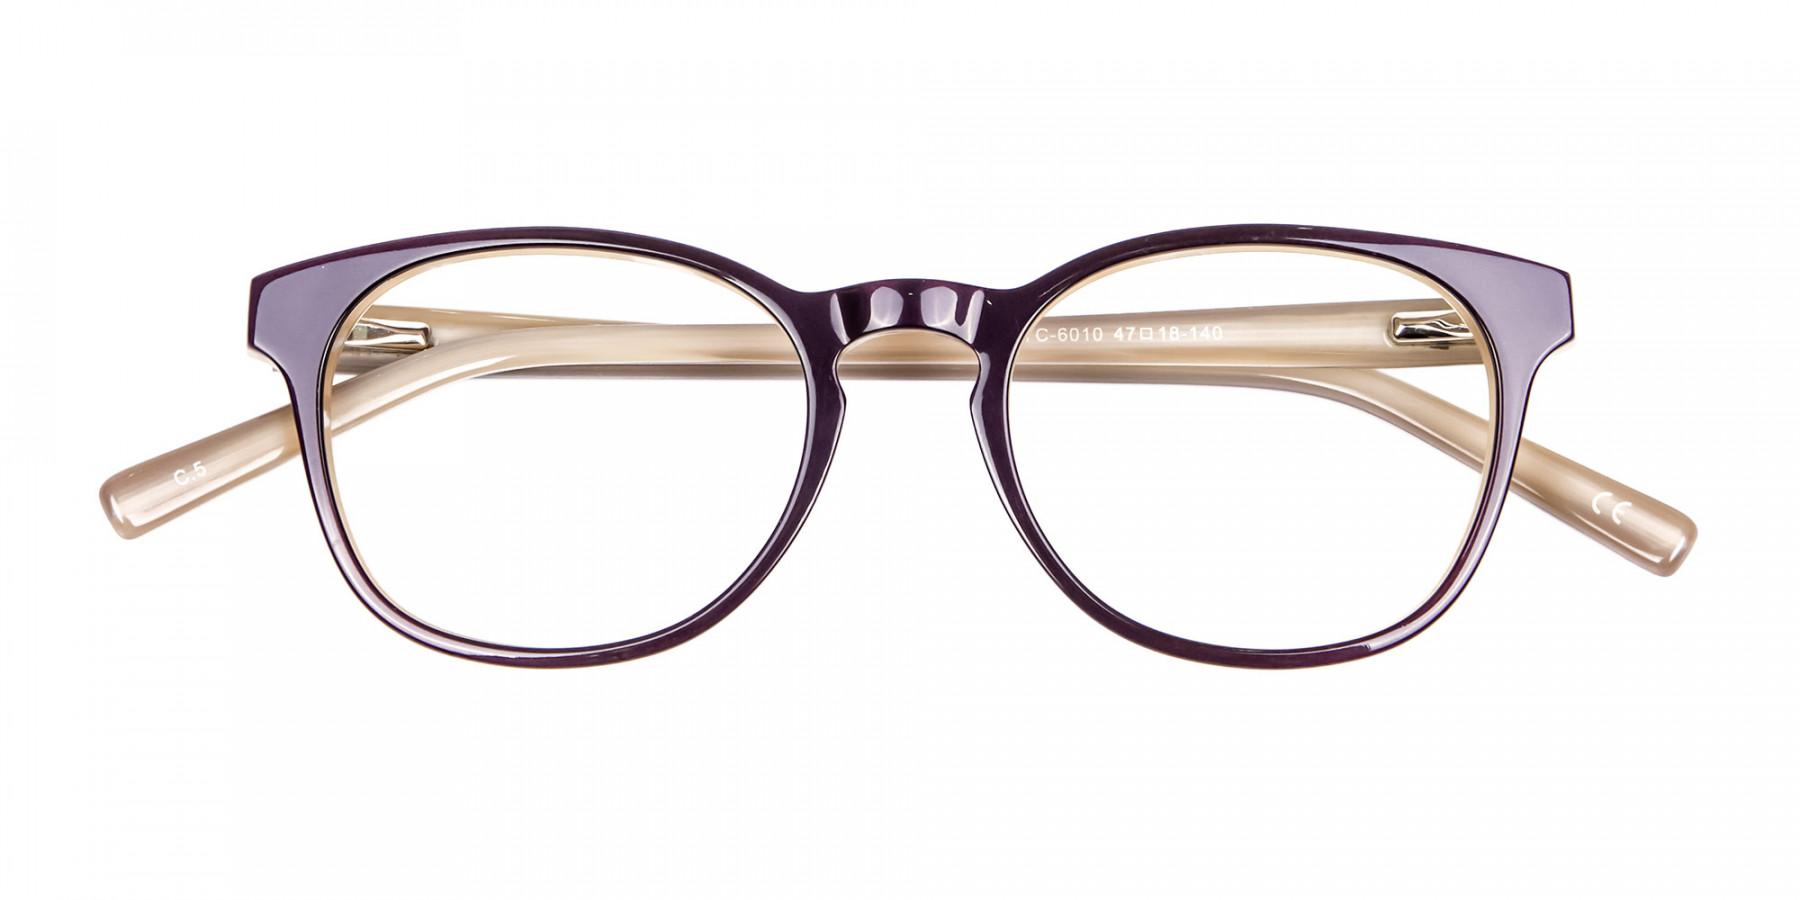 Black & Beige Reading Glasses -1